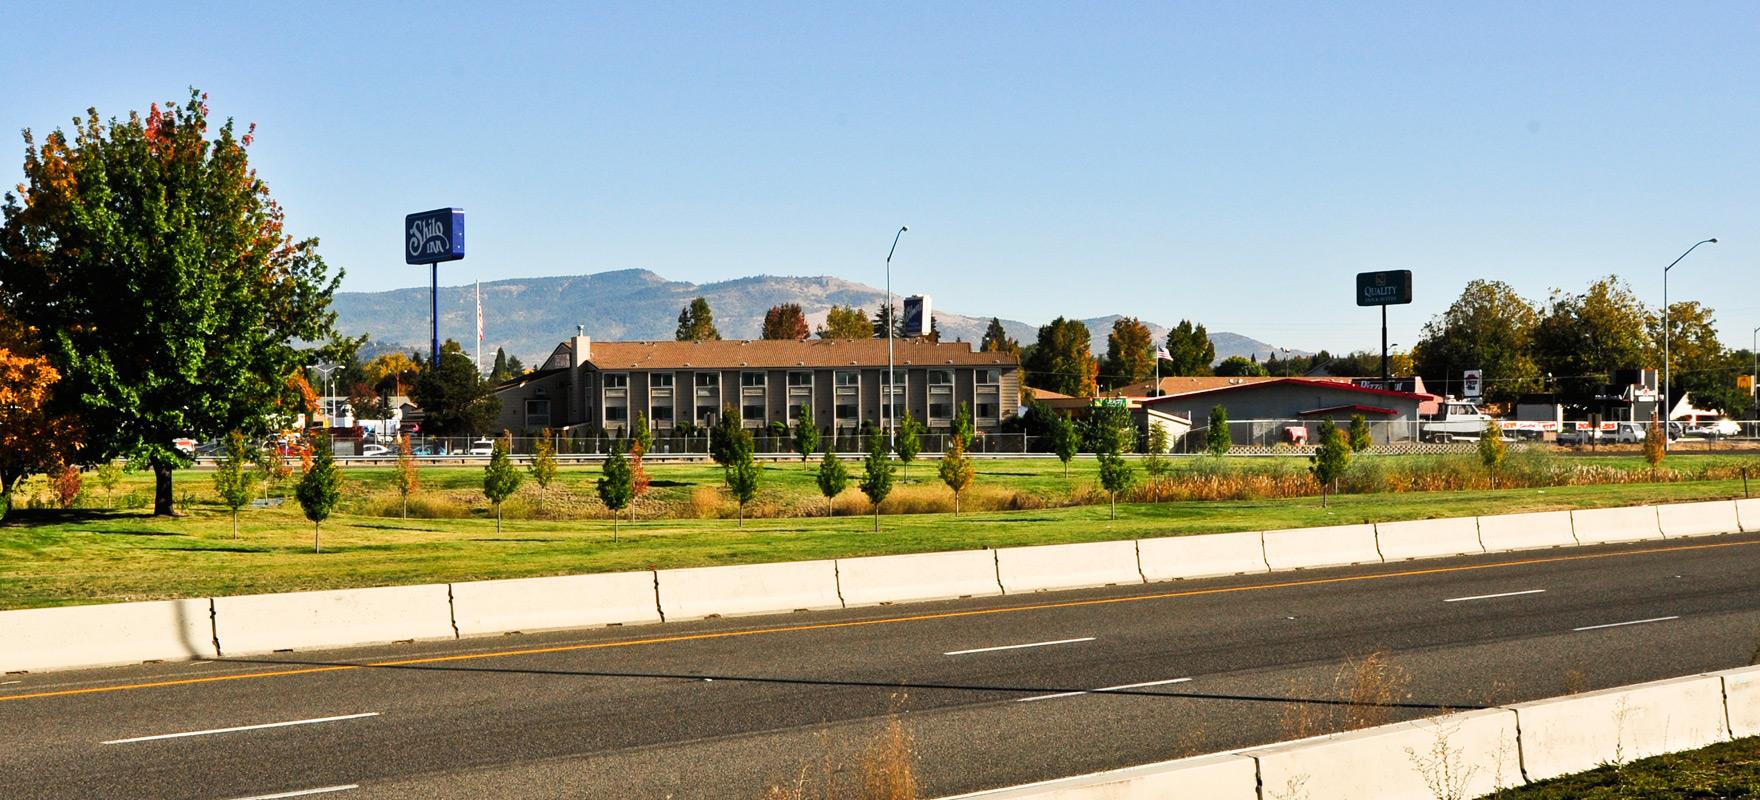 Shilo Inns Suites Hotels Medford Oregon